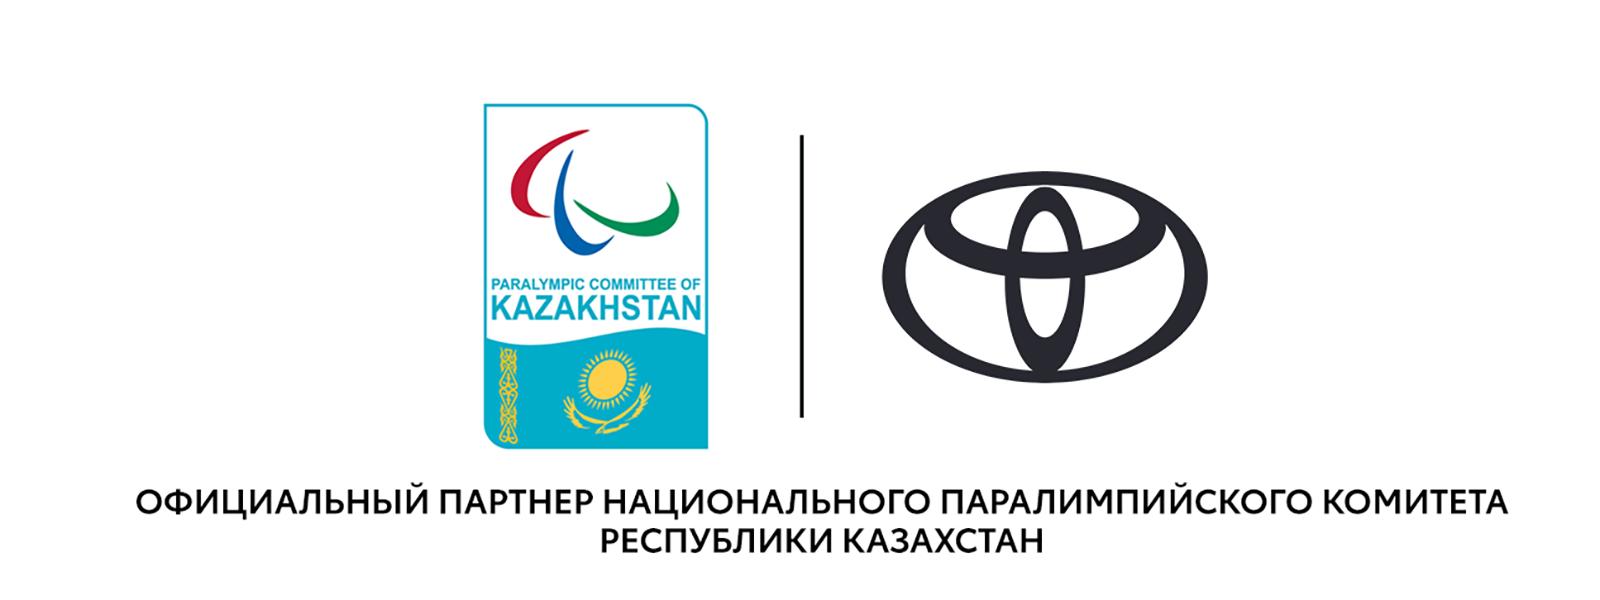 Тойота Казахстан и НПК